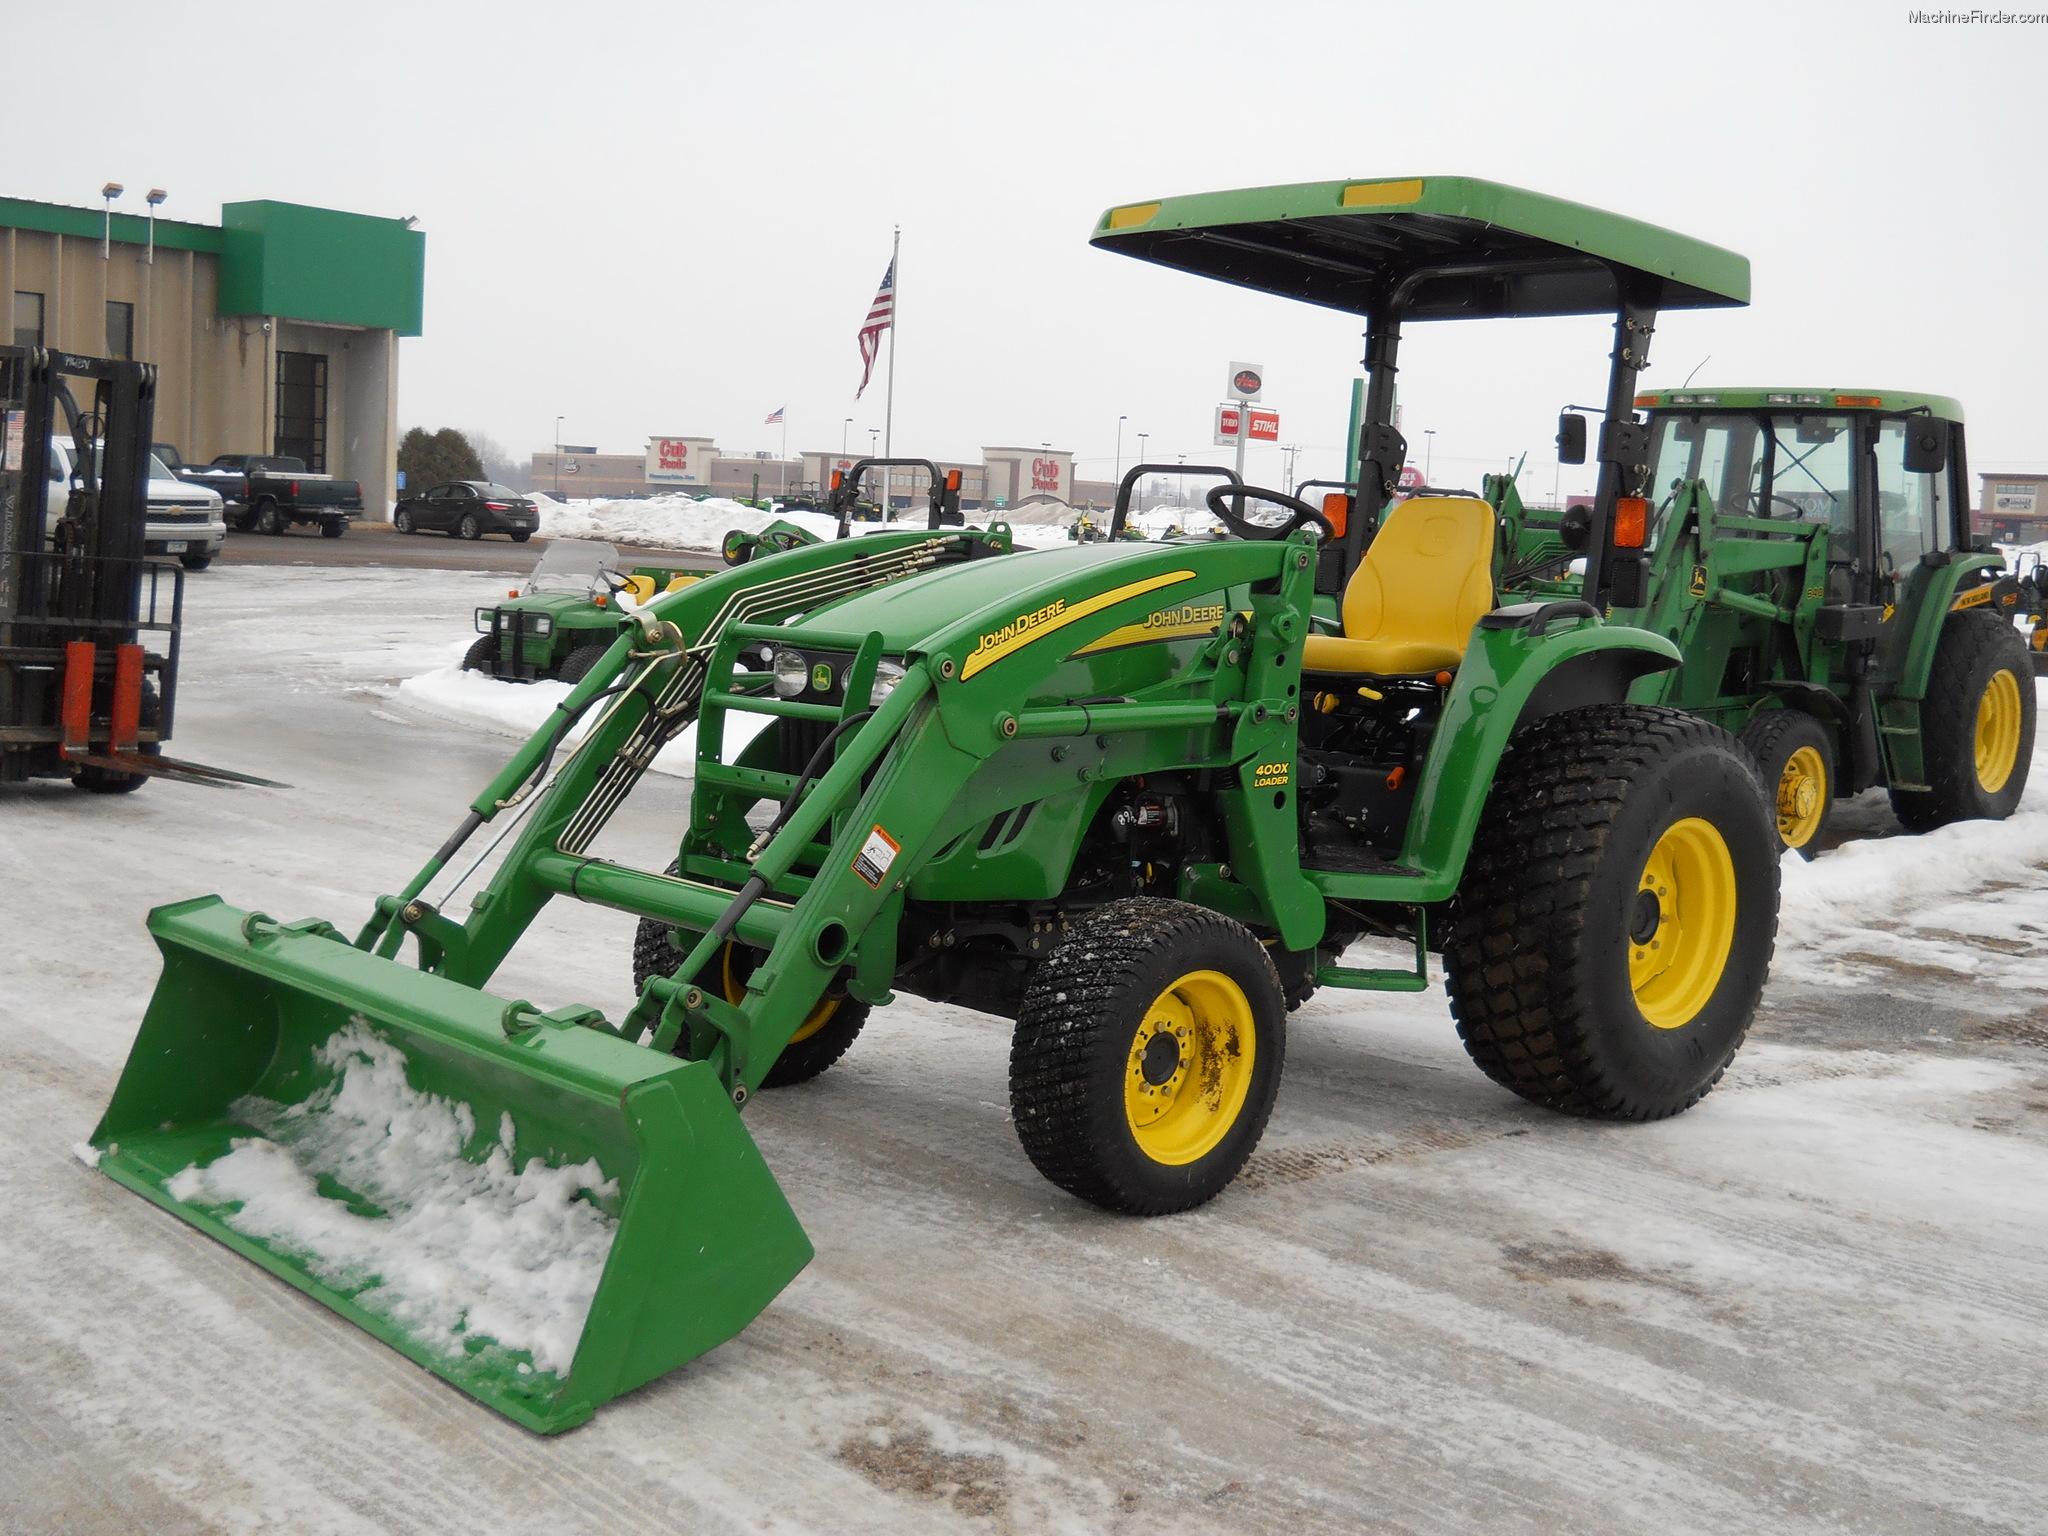 2005 John Deere 4720 Tractors - Compact (1-40hp.) - John Deere ...